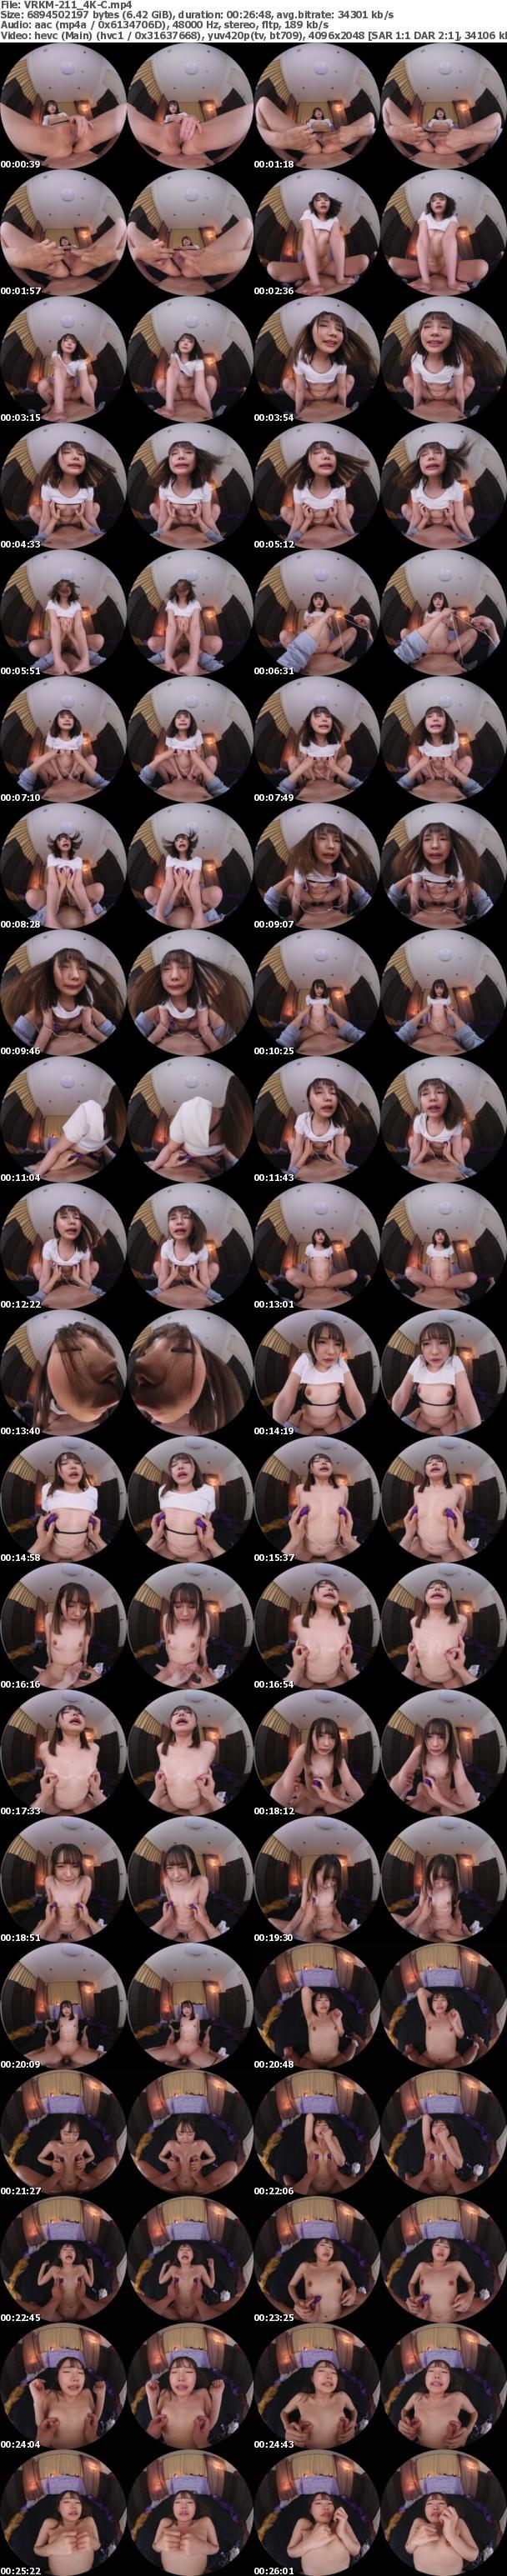 (VR) (4K) VRKM-211 ガチイキ乳首開発 乳首×マ●コのW快楽絶頂トリップ 松本いちか